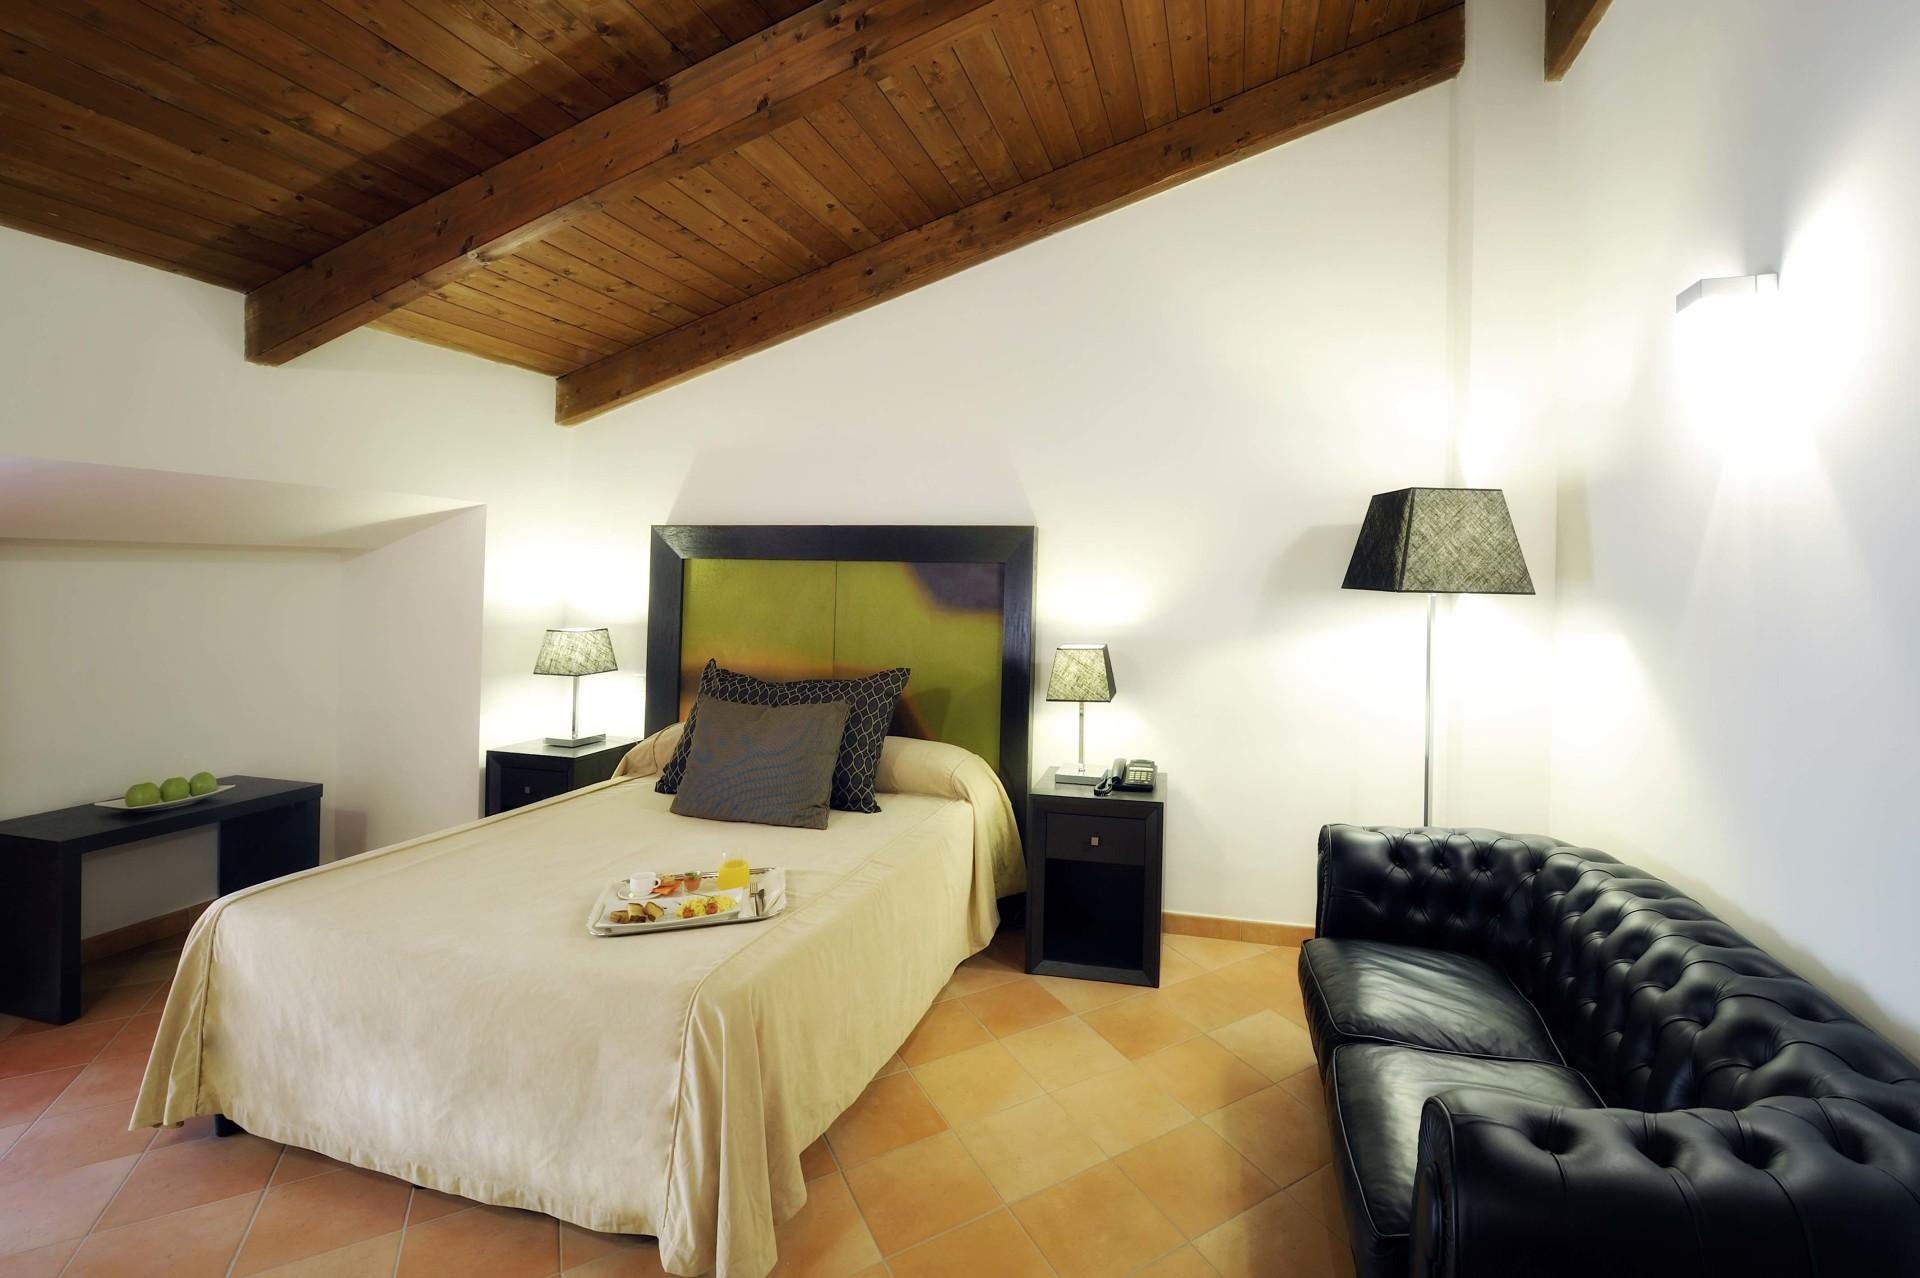 camera di lusso napoli,hotel napoli,hotel cercola,villa per matrimonio napoli,hotel di lusso napoli